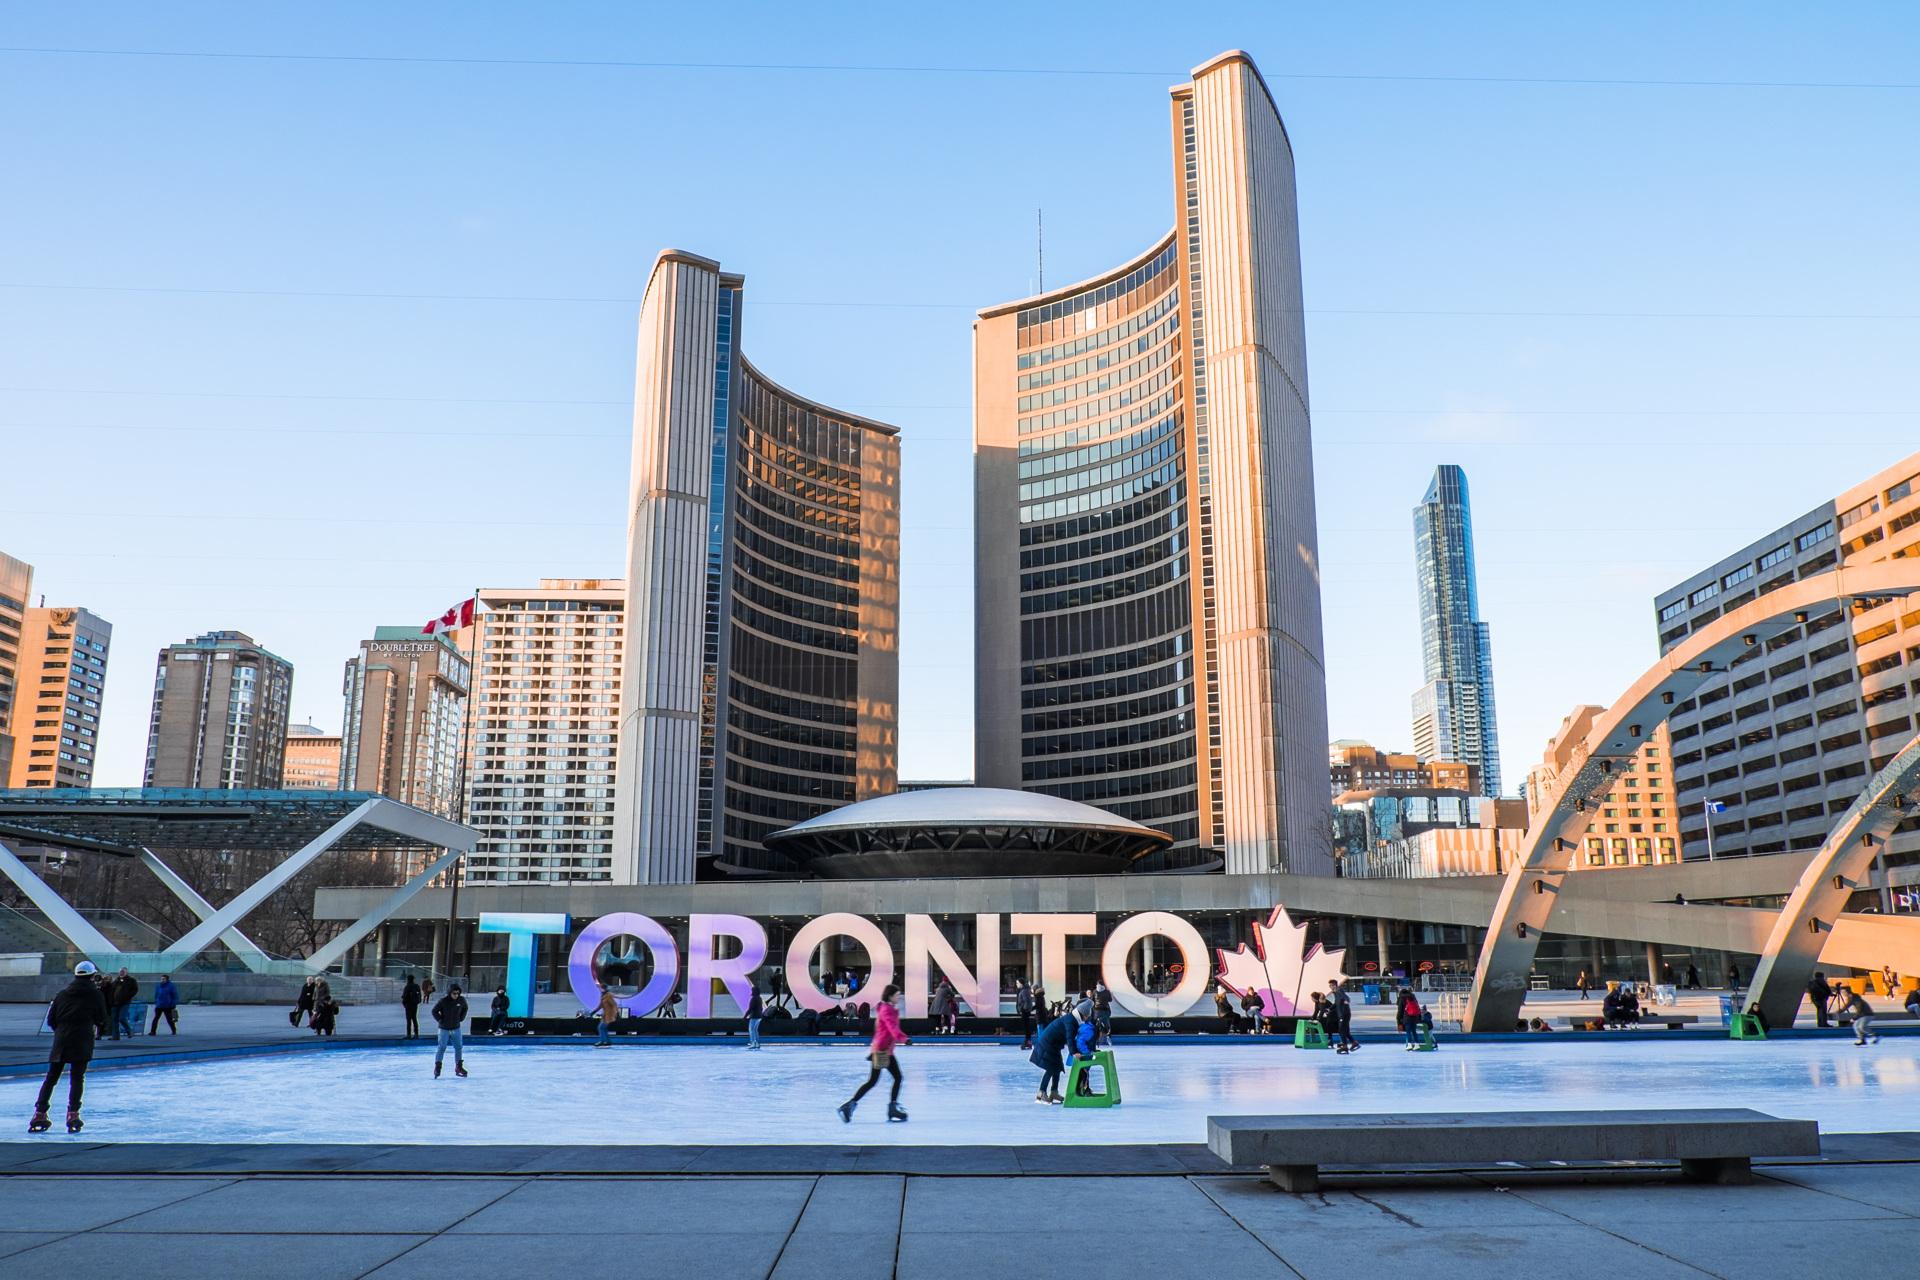 Posti migliori per agganciare a Toronto